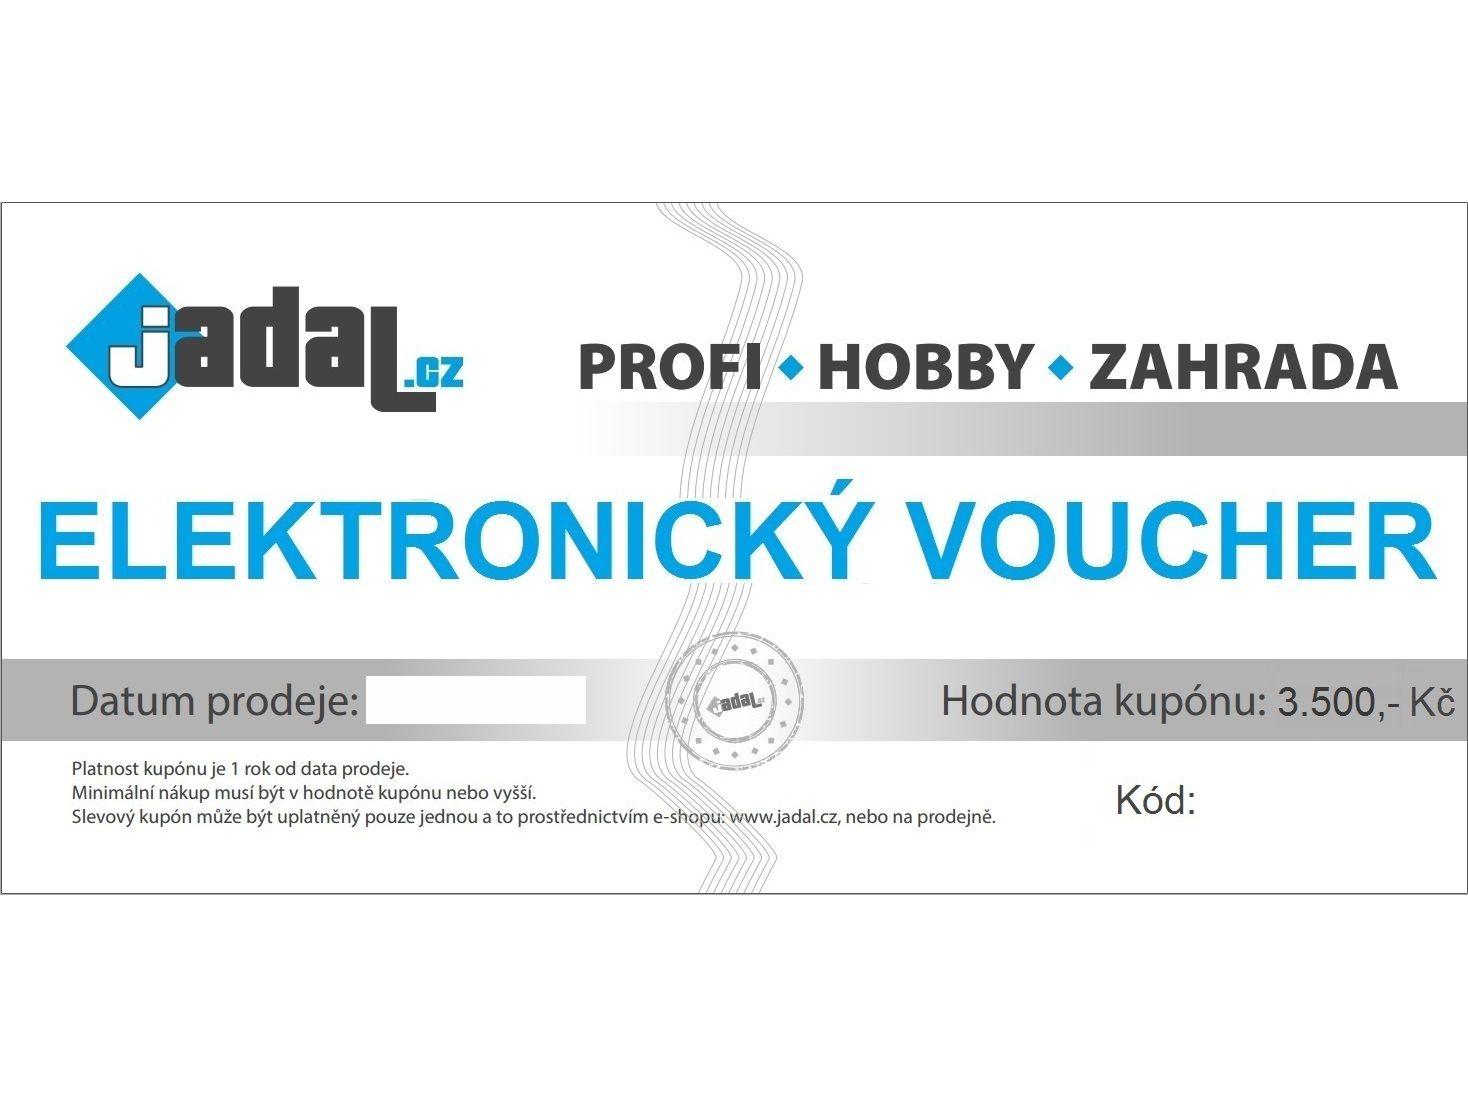 Elektronický voucher - poukaz v hodnotě 3500,-Kč